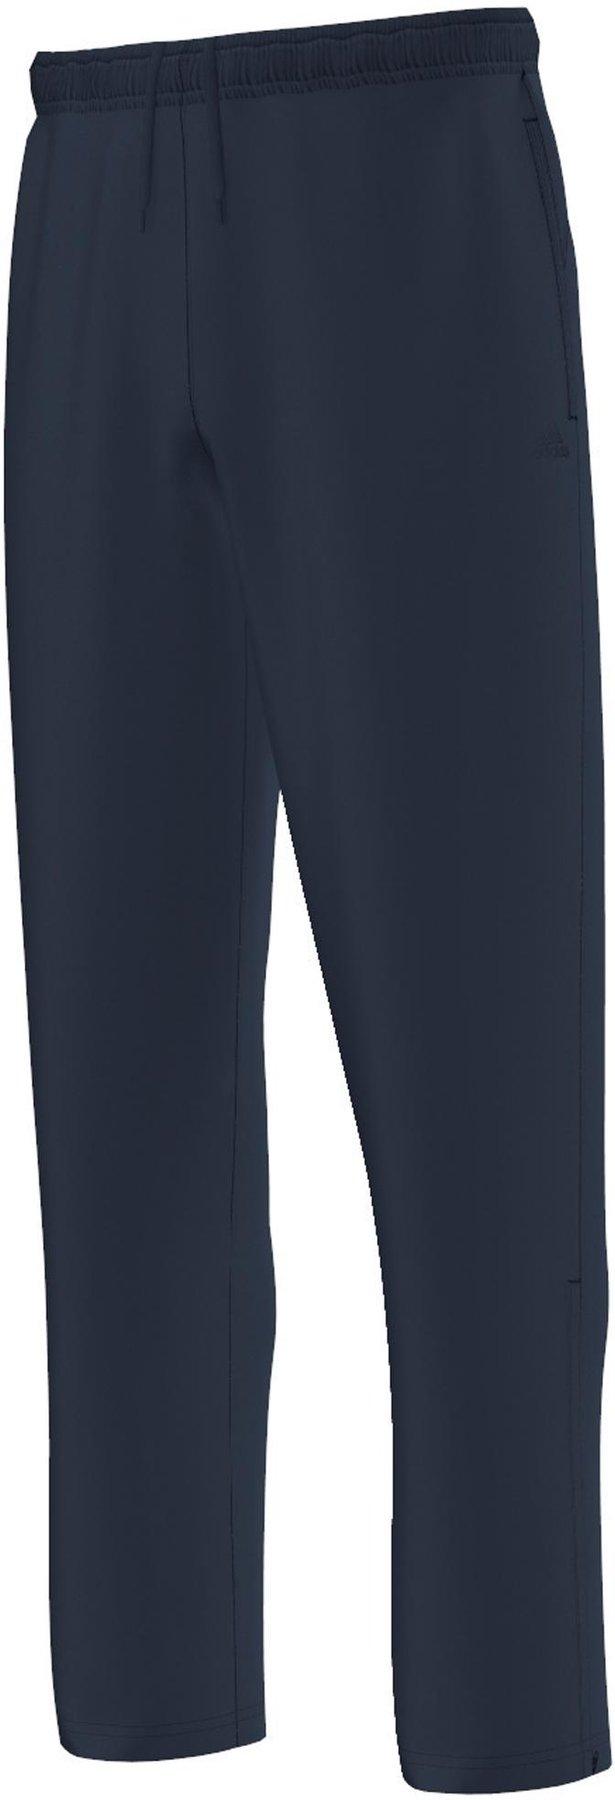 size 40 biggest discount fresh styles Adidas Essentials Stanford Basic Hose Herren